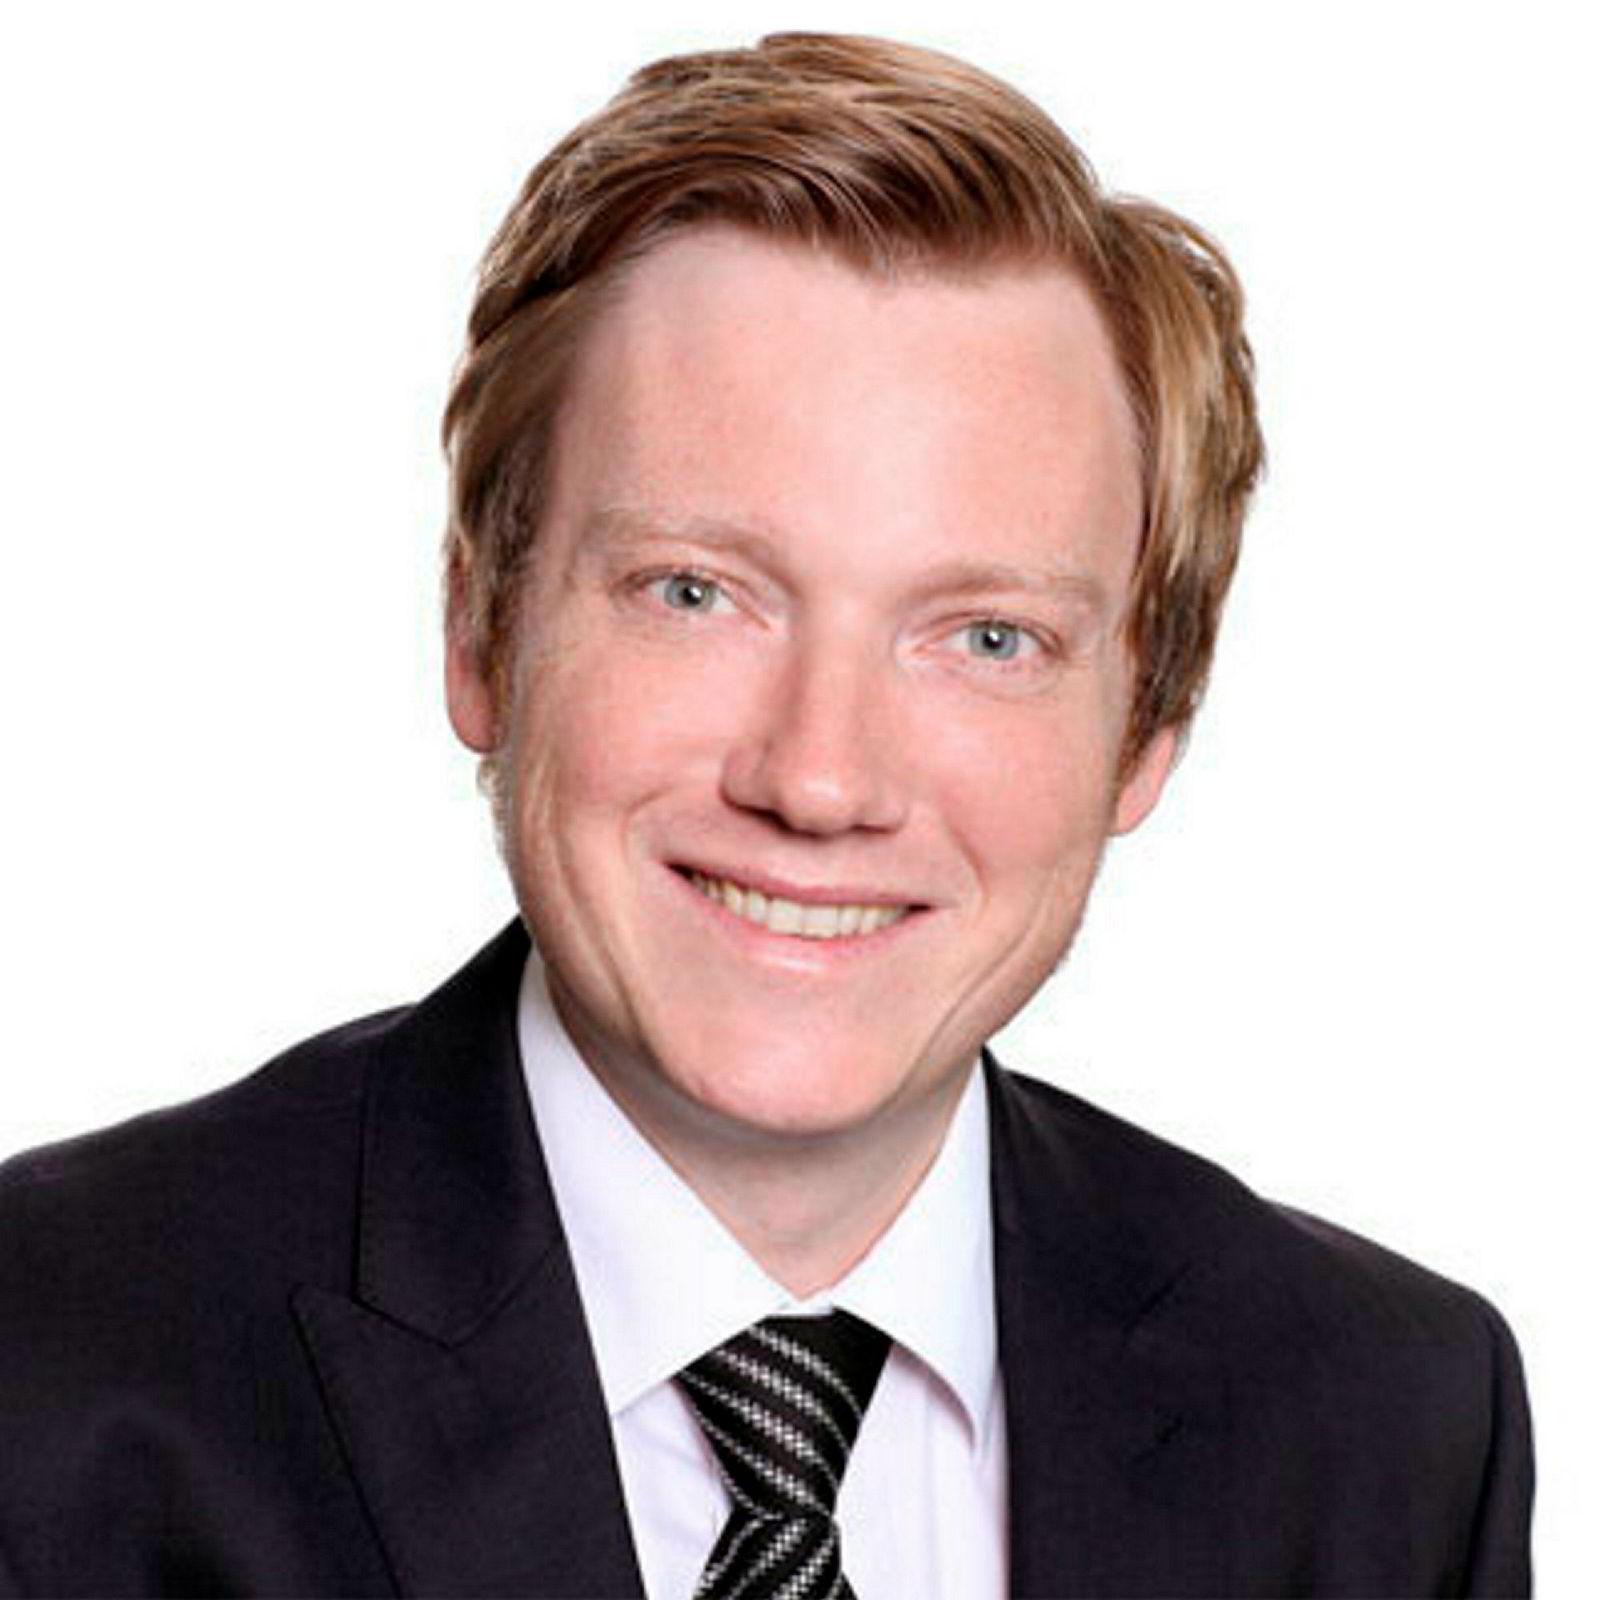 – Får man en brå nedgang i boliginvesteringene, kan det være et tegn på en kommende resesjon, sier Knut Are Aastveit ved Norges Banks forskningsenhet.